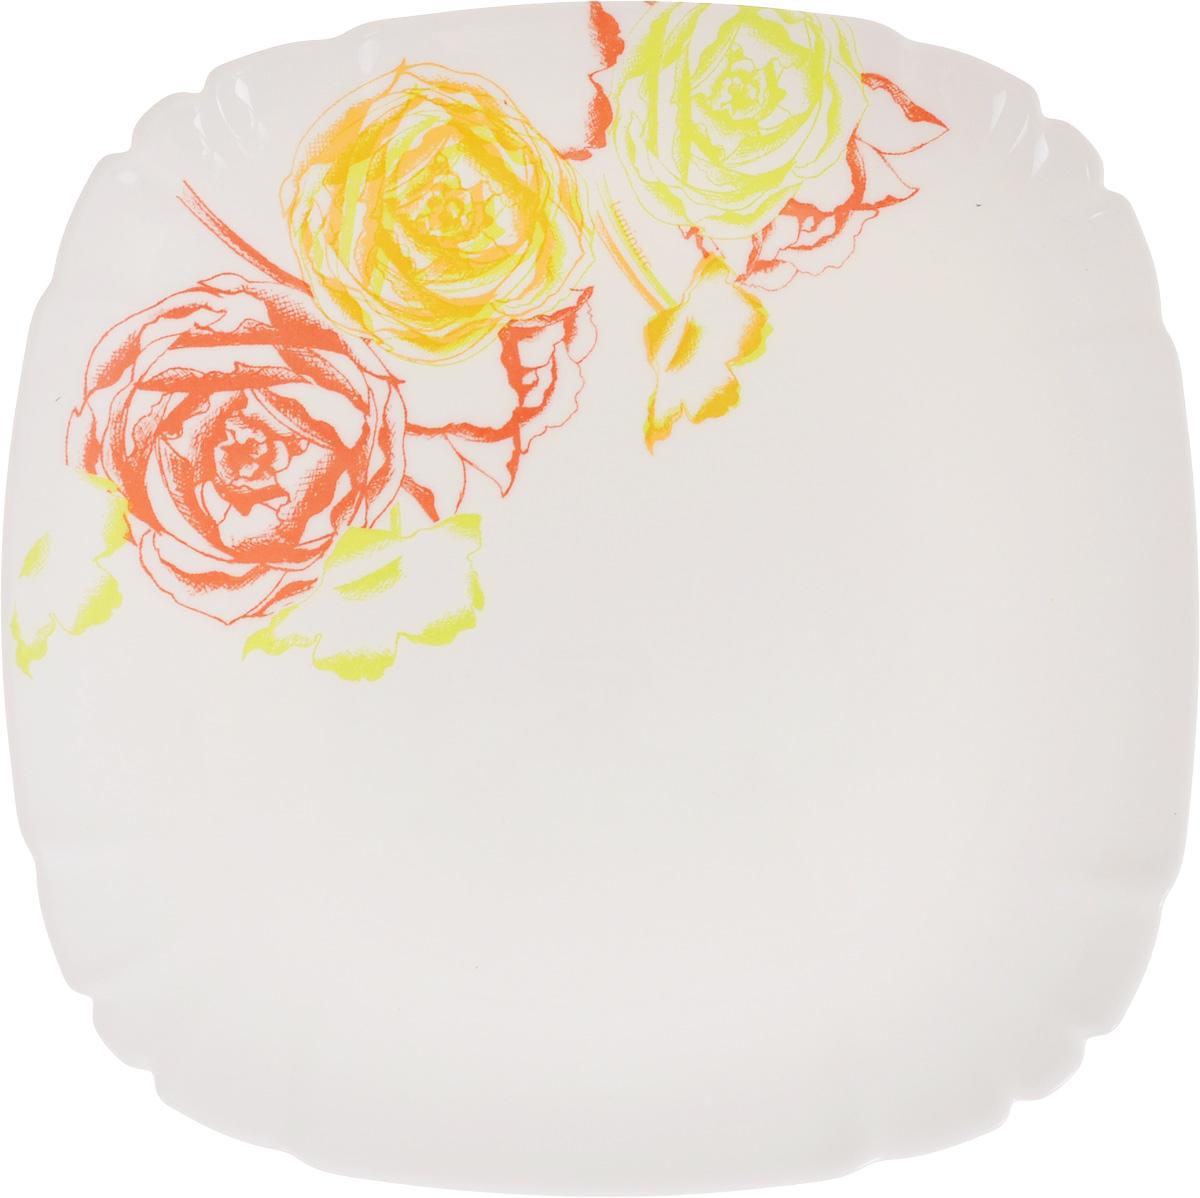 Тарелка десертная Luminarc Amaria, 21 х 21 смJ1884Квадратная десертная тарелка Luminarc Amaria, изготовленная изударопрочного стекла, декорирована изображением цветов. Такая тарелка прекрасно подходит как дляторжественных случаев, так и для повседневногоиспользования. Идеальна для подачи десертов, пирожных, тортов имногого другого. Она прекрасно оформит стол и станетотличным дополнением к вашей коллекции кухоннойпосуды. Размеры тарелки (по верхнему краю): 21 х 21 см. Высота тарелки: 1 см.